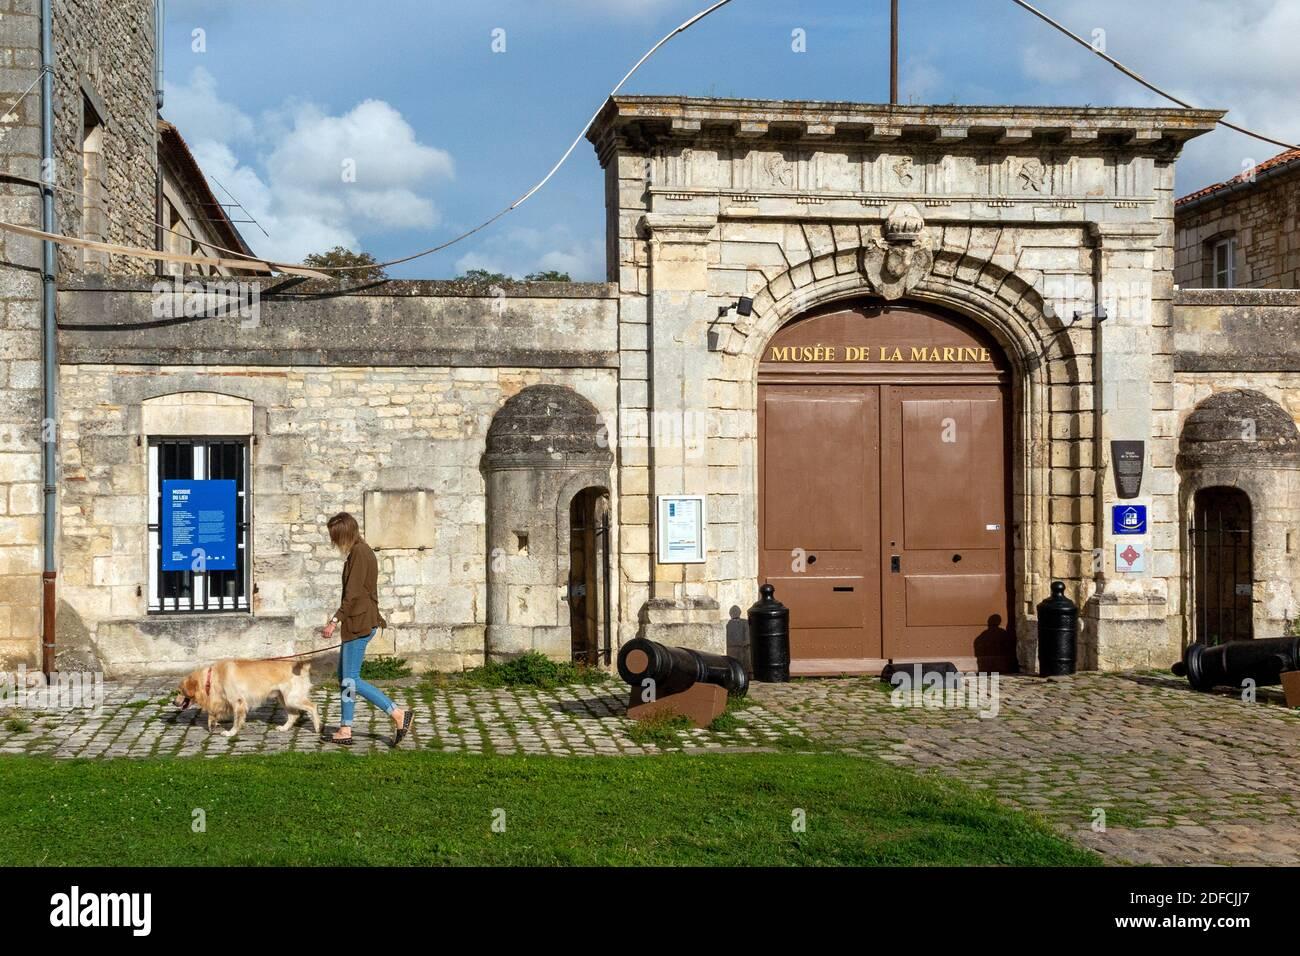 MUSÉE DE LA MARINE, ROCHEFORT, CHARENTE-MARITIME, FRANCE Banque D'Images